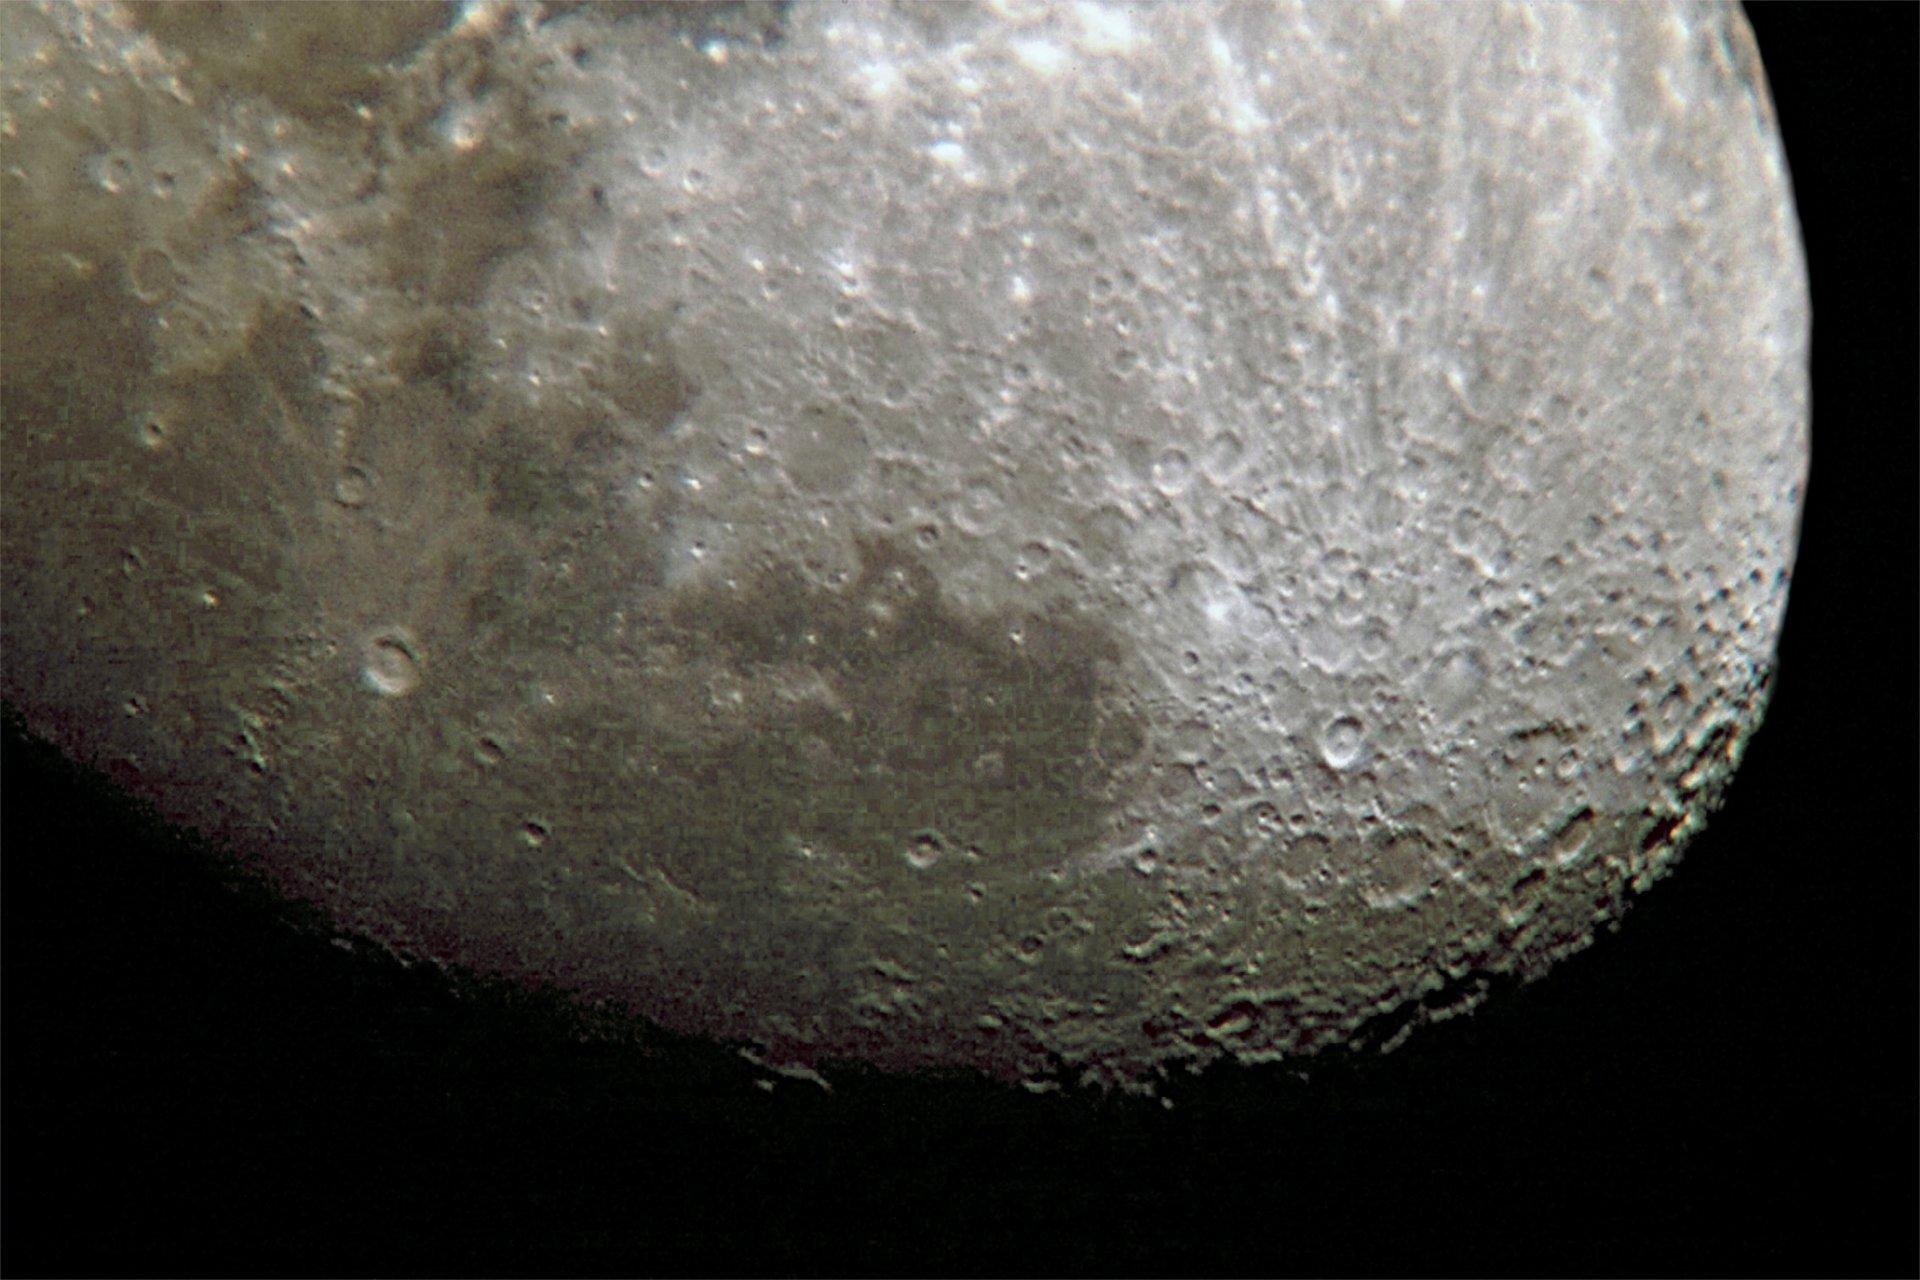 Astéroide lunaire